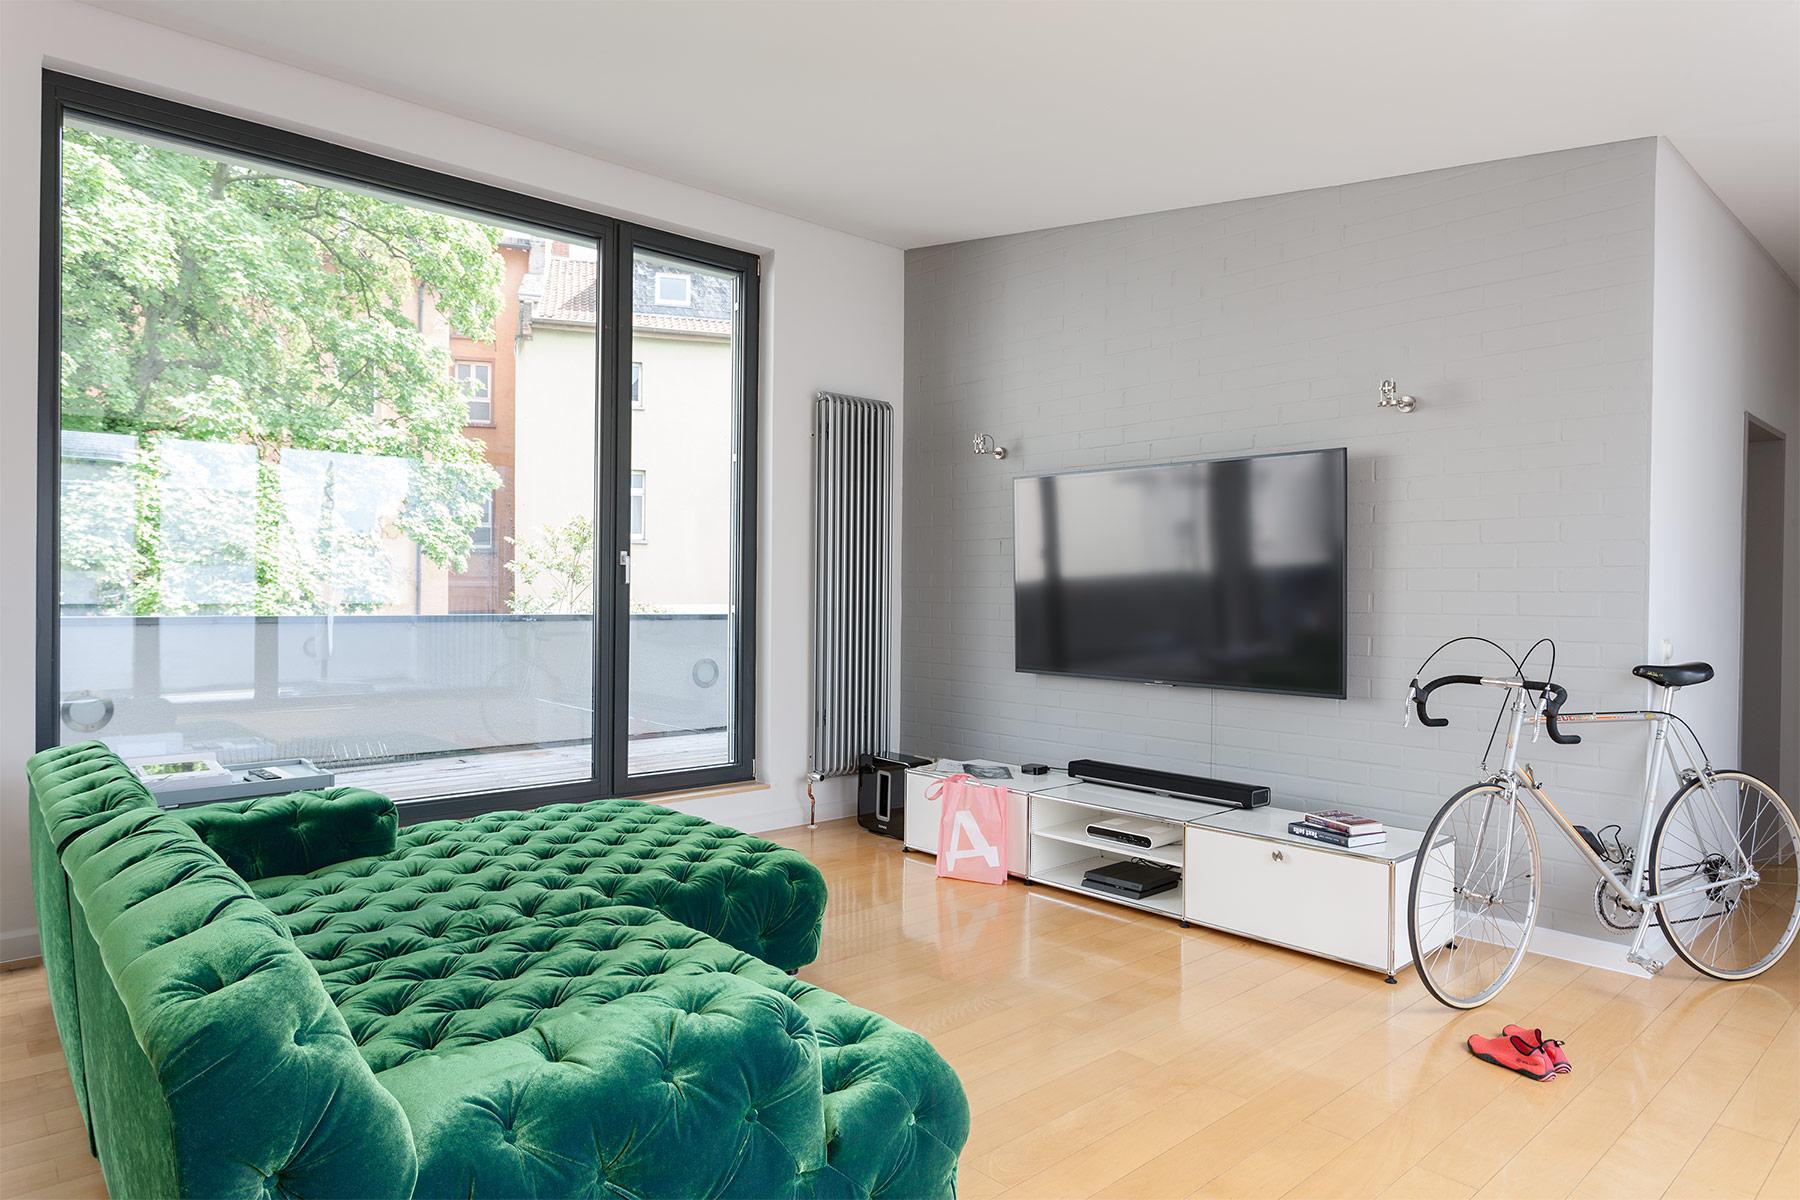 Architekturfotografie, Interior Fotografie Loftwohnung